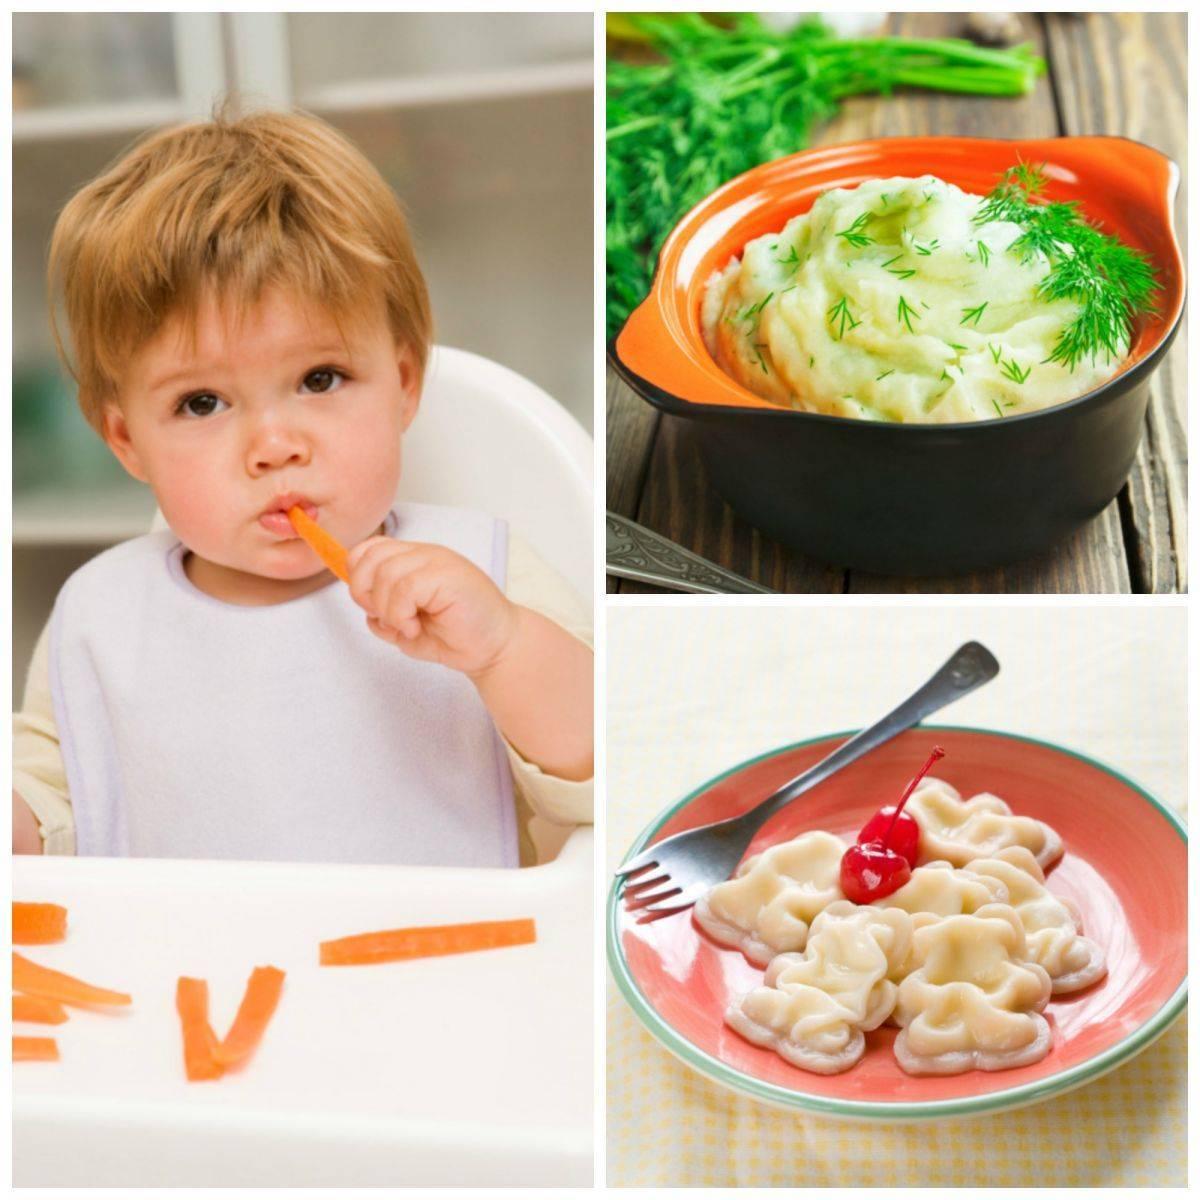 Режим питания, примеры меню и рецепты блюд для ребёнка 10 месяцев